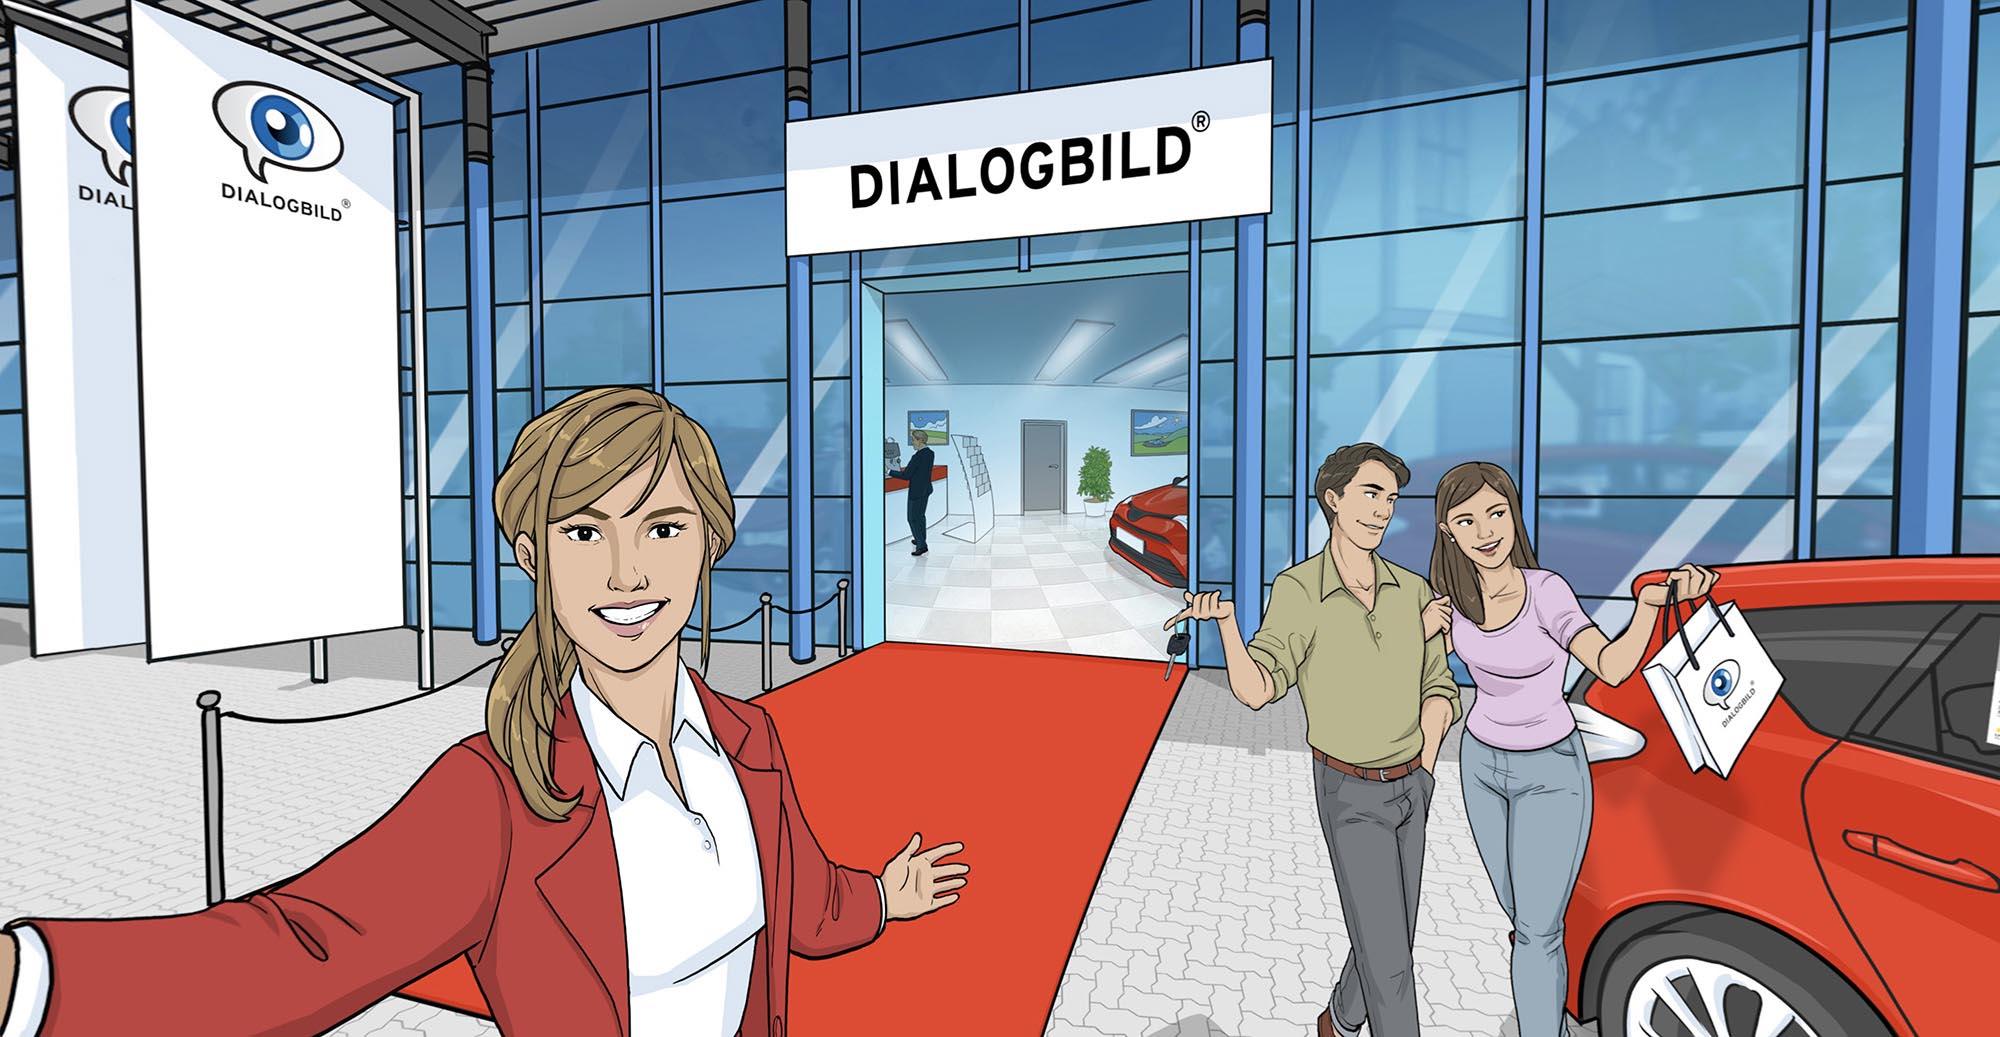 Ein modernes Autohaus als Dialogbild VR-Experience.